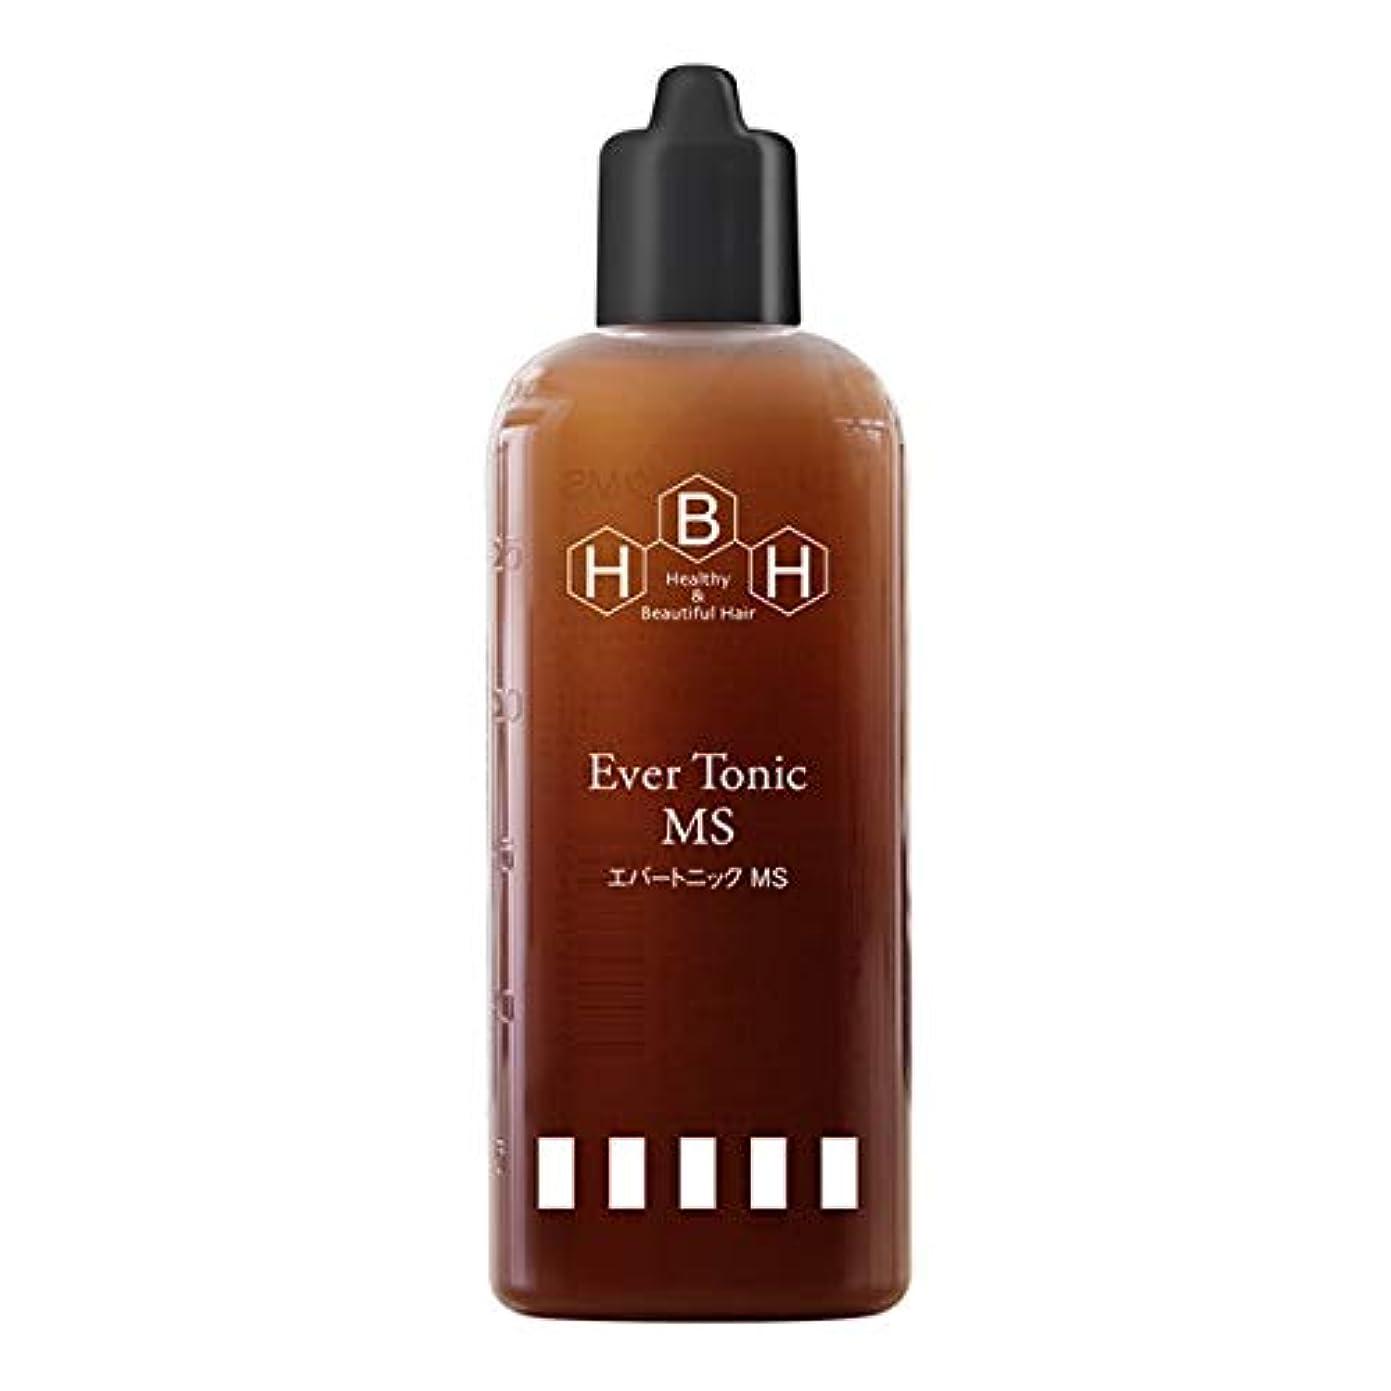 臭い吸い込むによると発毛専門リーブ21 エバートニックMS(250ml)